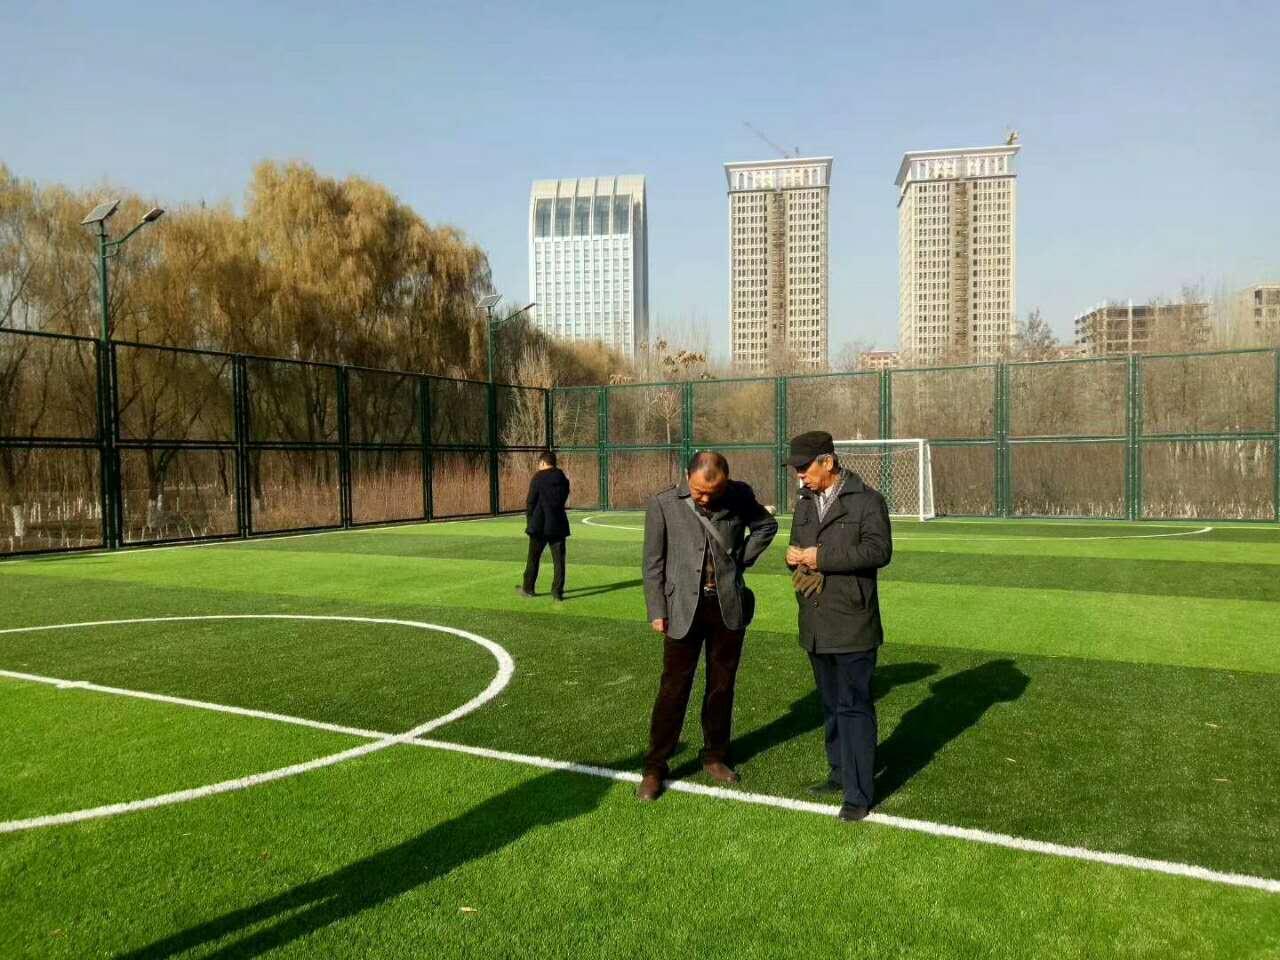 新疆人造草坪厂家-想要优良的宁夏人造草坪就来万达建业体育设施